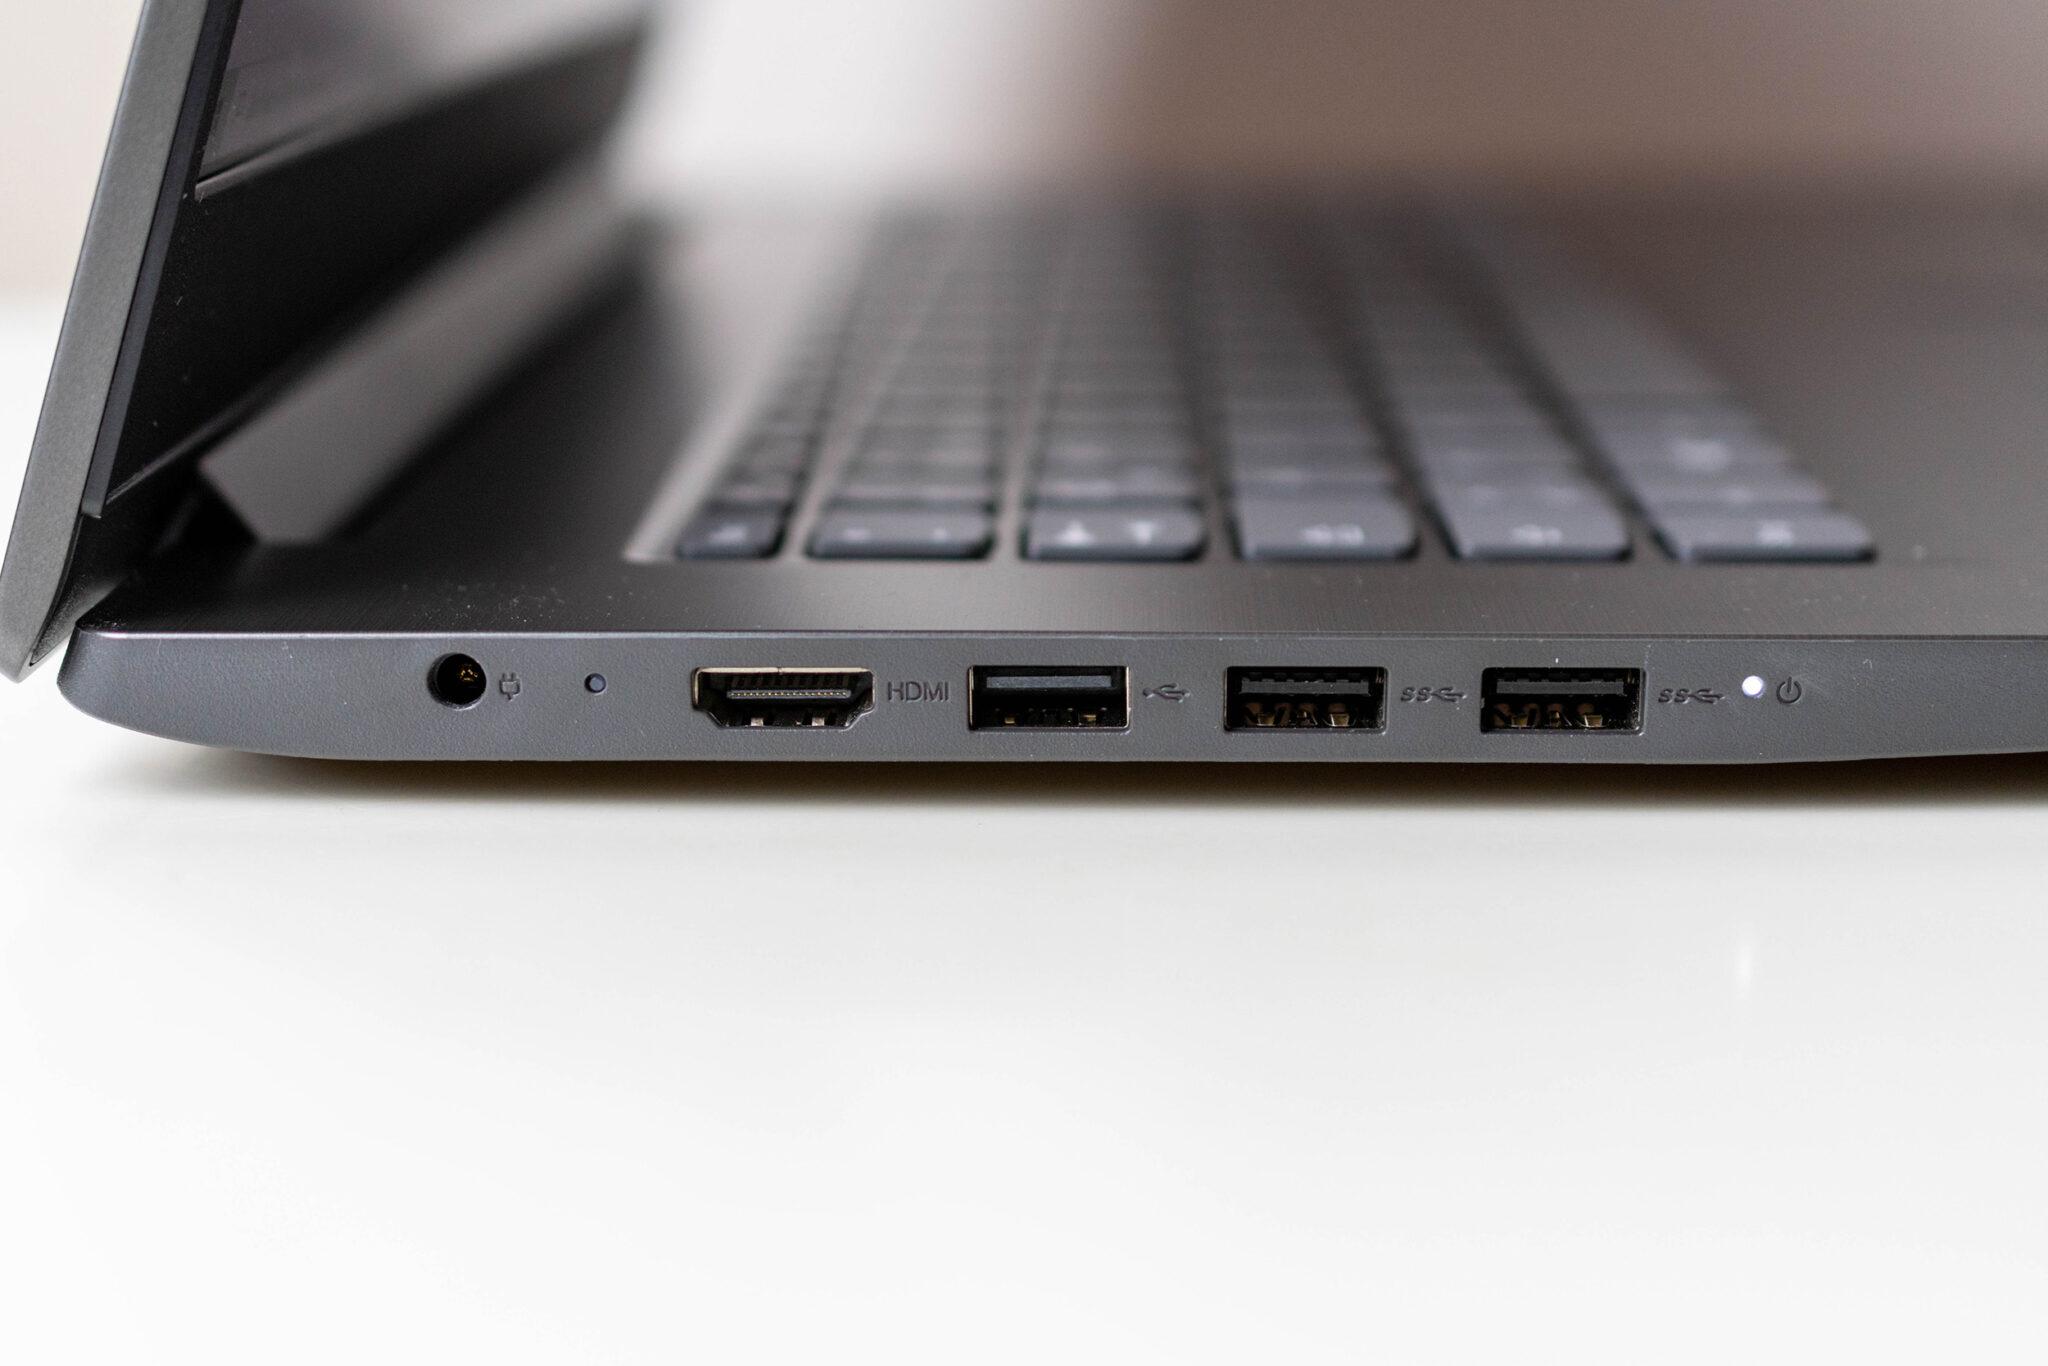 Lenovo V17 alle Anschlüsse sind auf der linken Seite